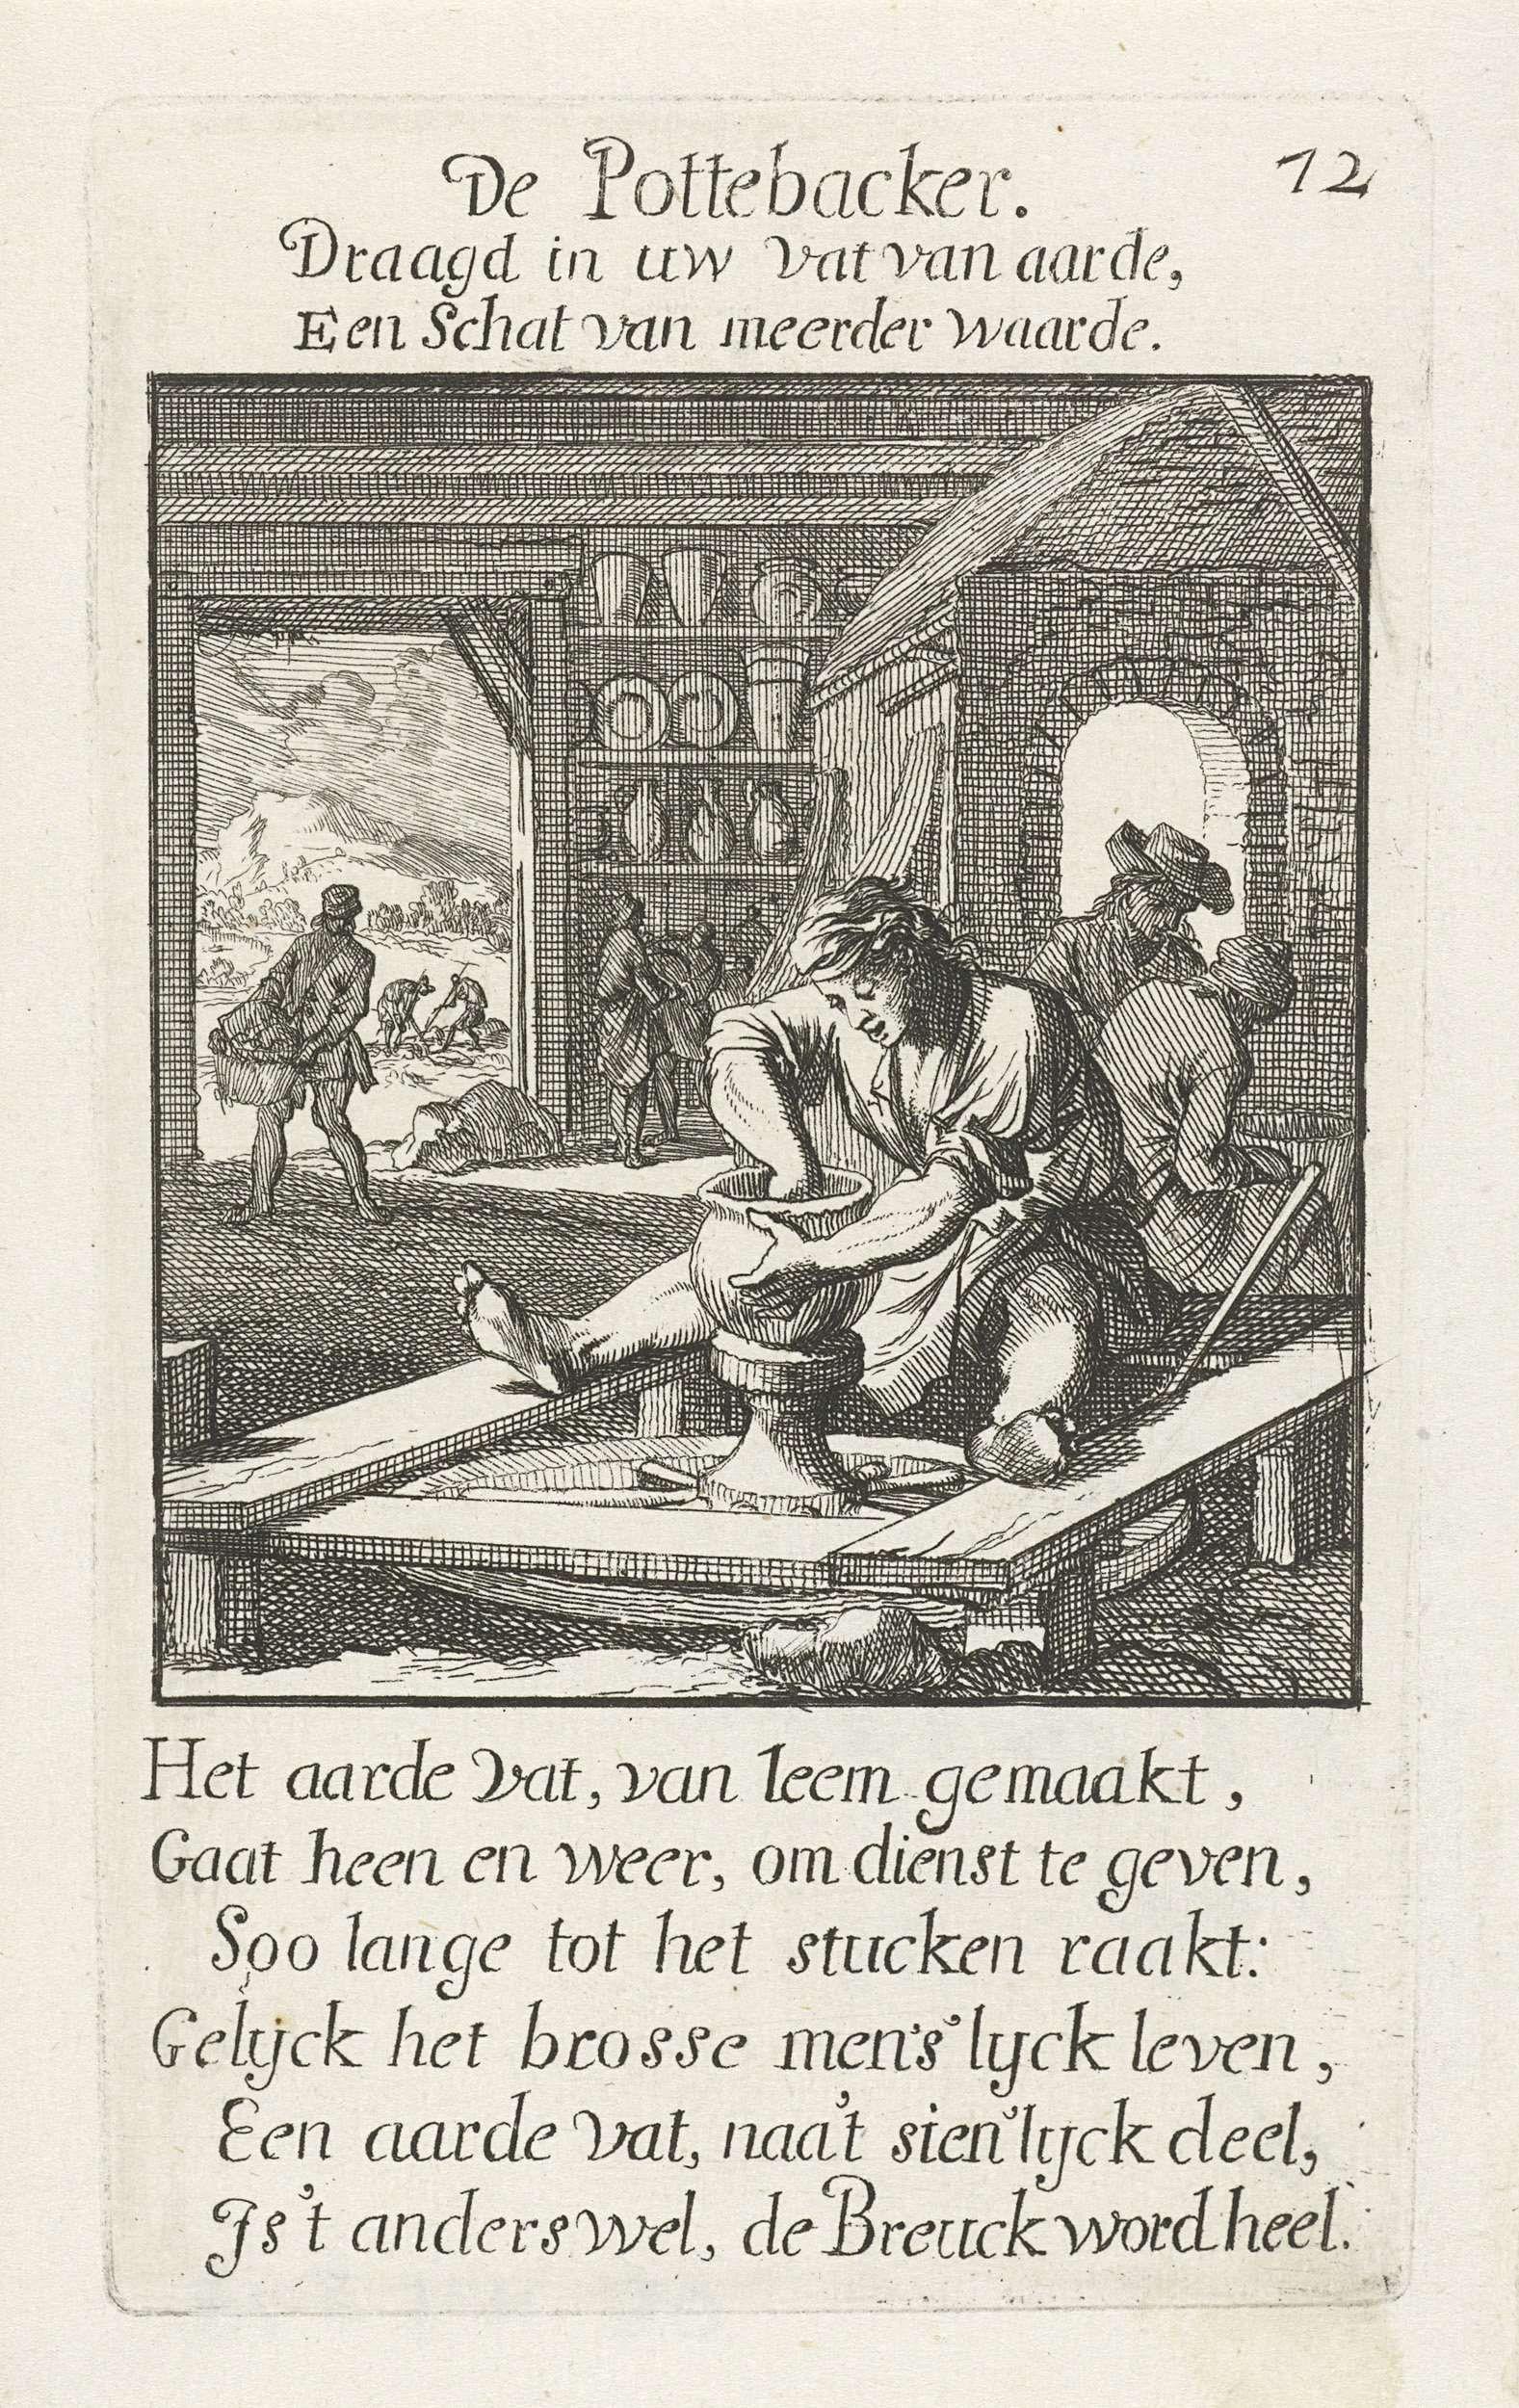 Caspar Luyken | Pottenbakker, Caspar Luyken, Jan Luyken, Jan Luyken, 1694 |